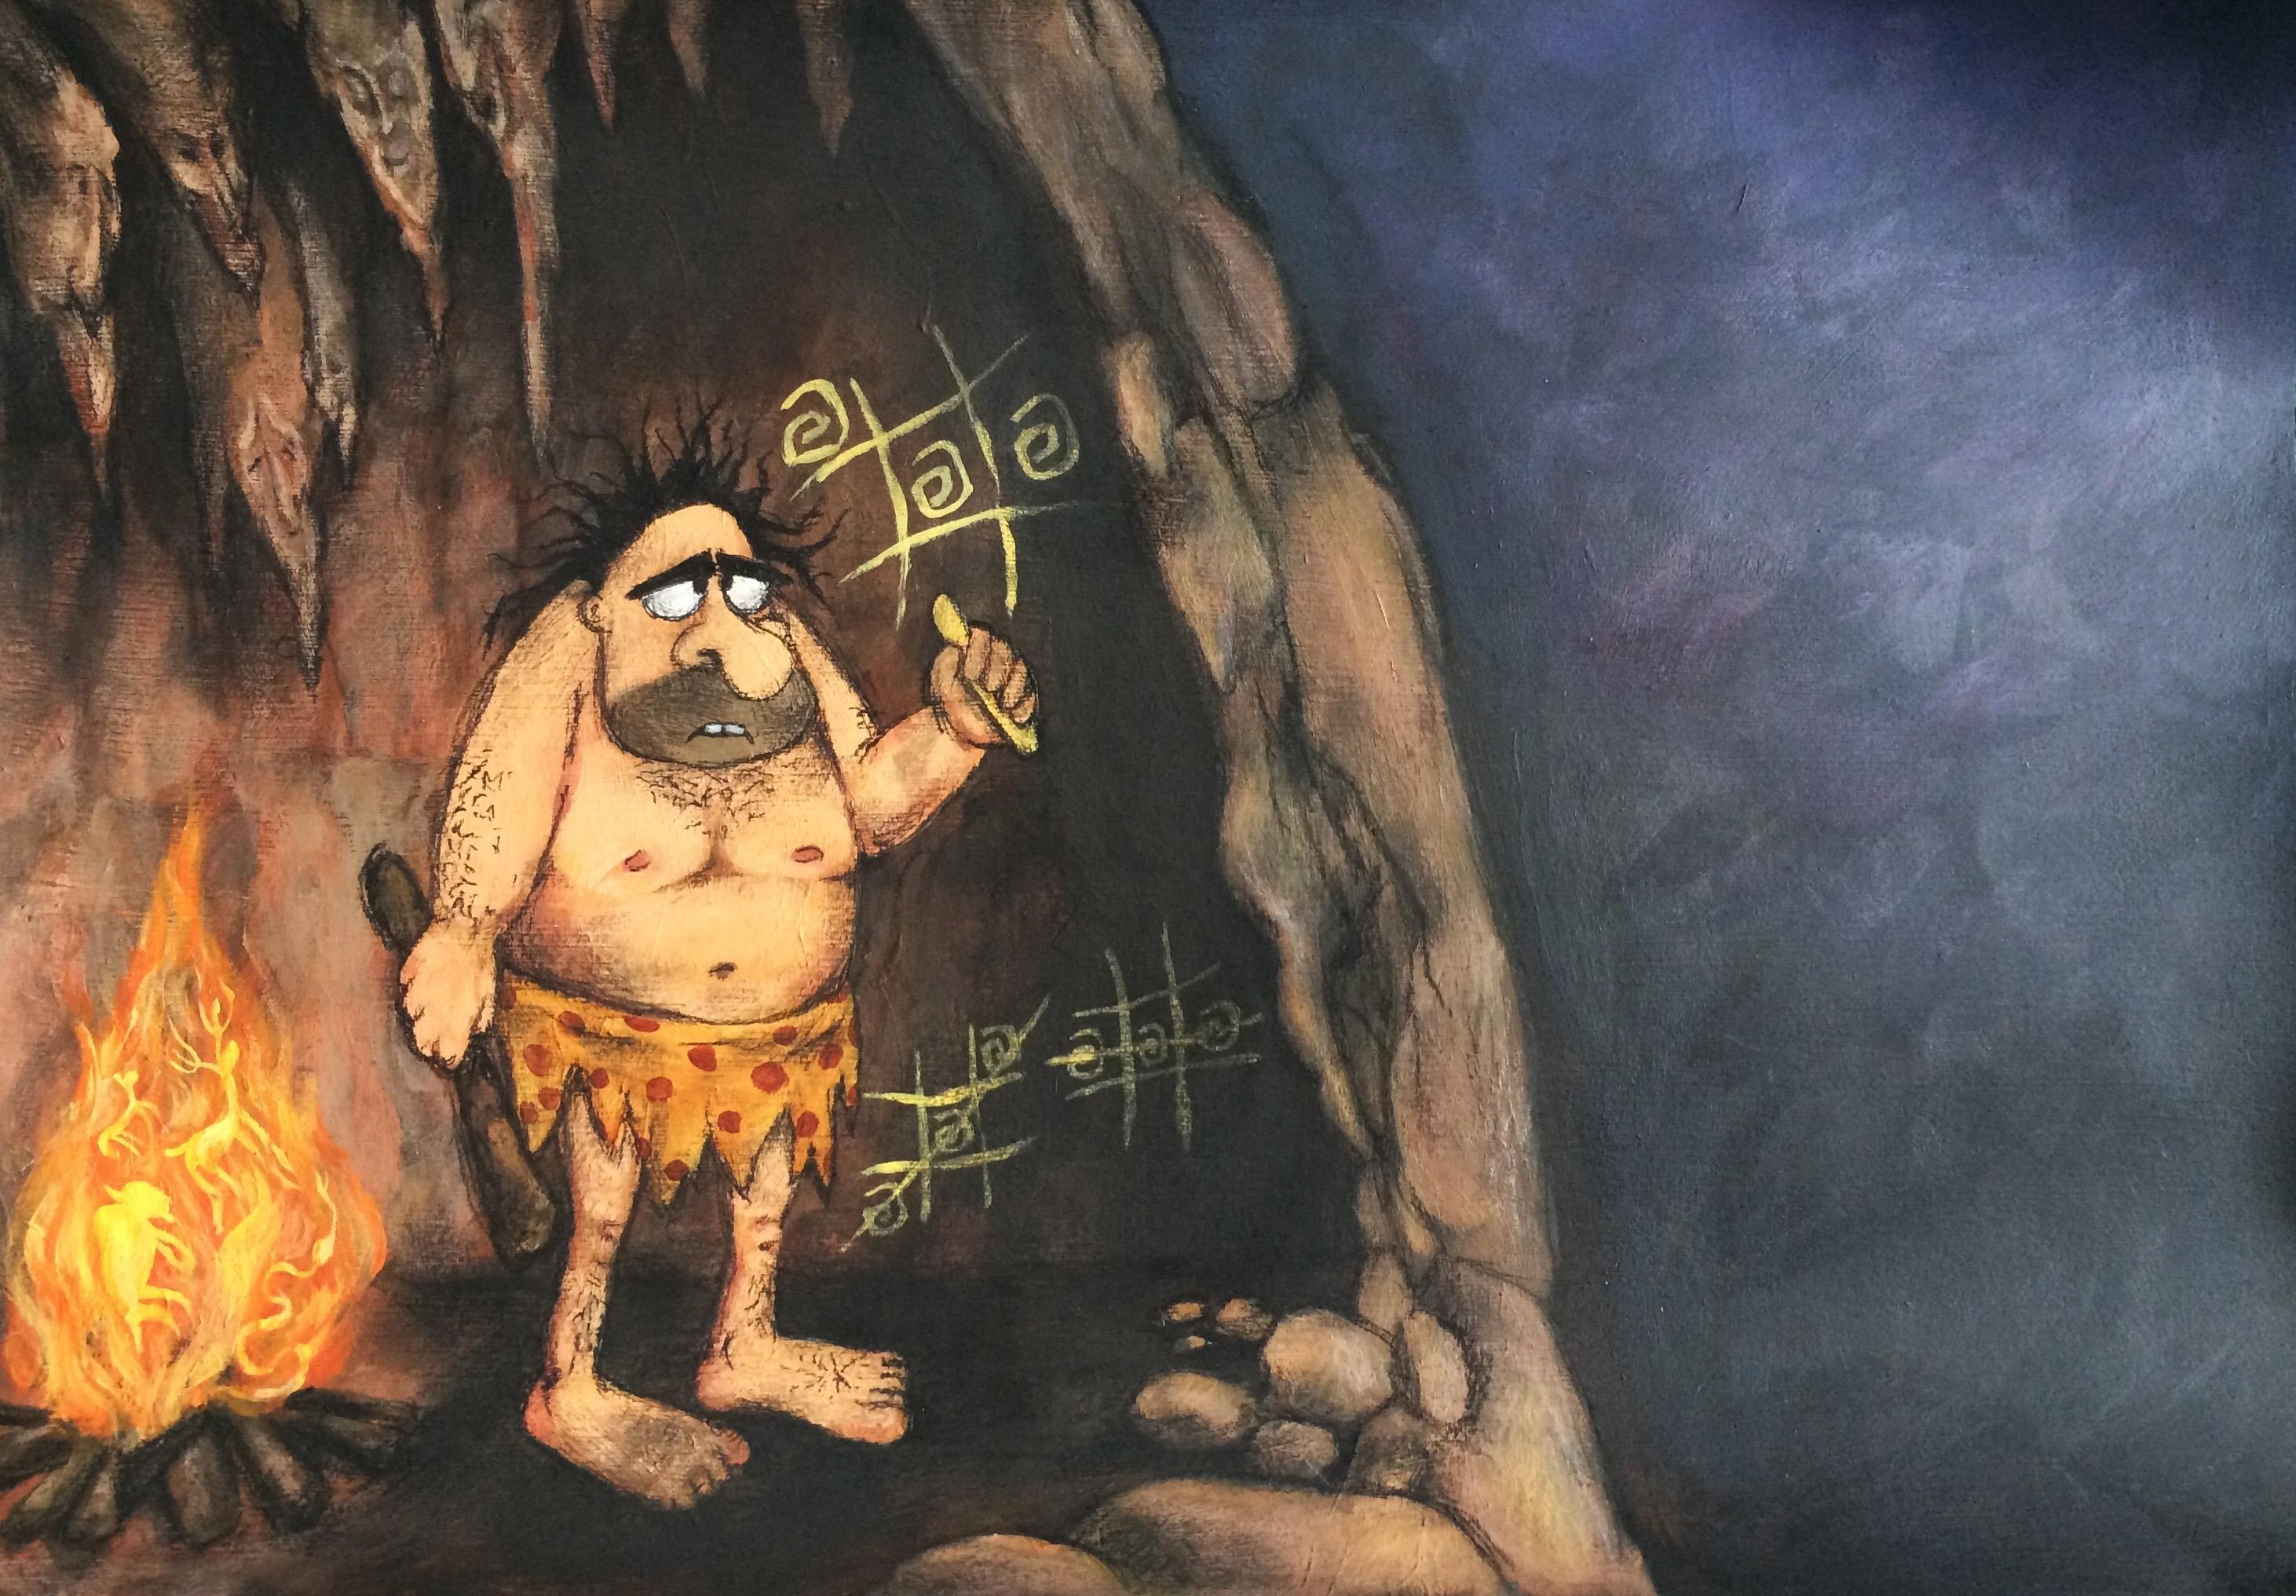 CavemanDoodles